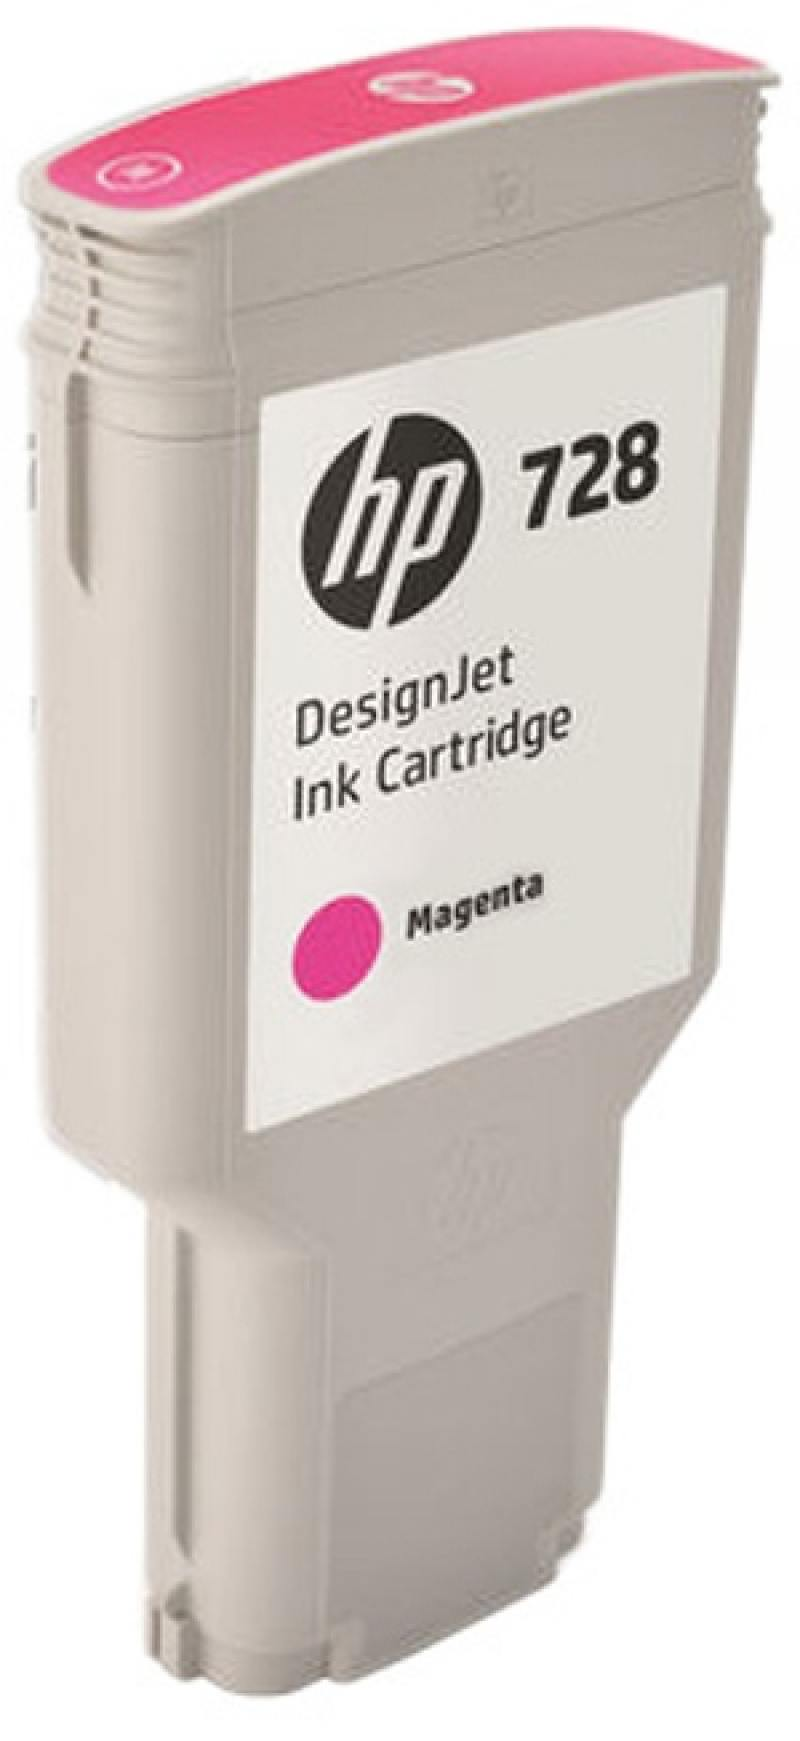 Картридж HP F9K16A (HP 728) для DesignJet T730, T830. Пурпурный. 300 мл. картридж hp 728 f9j65a yellow 130 мл